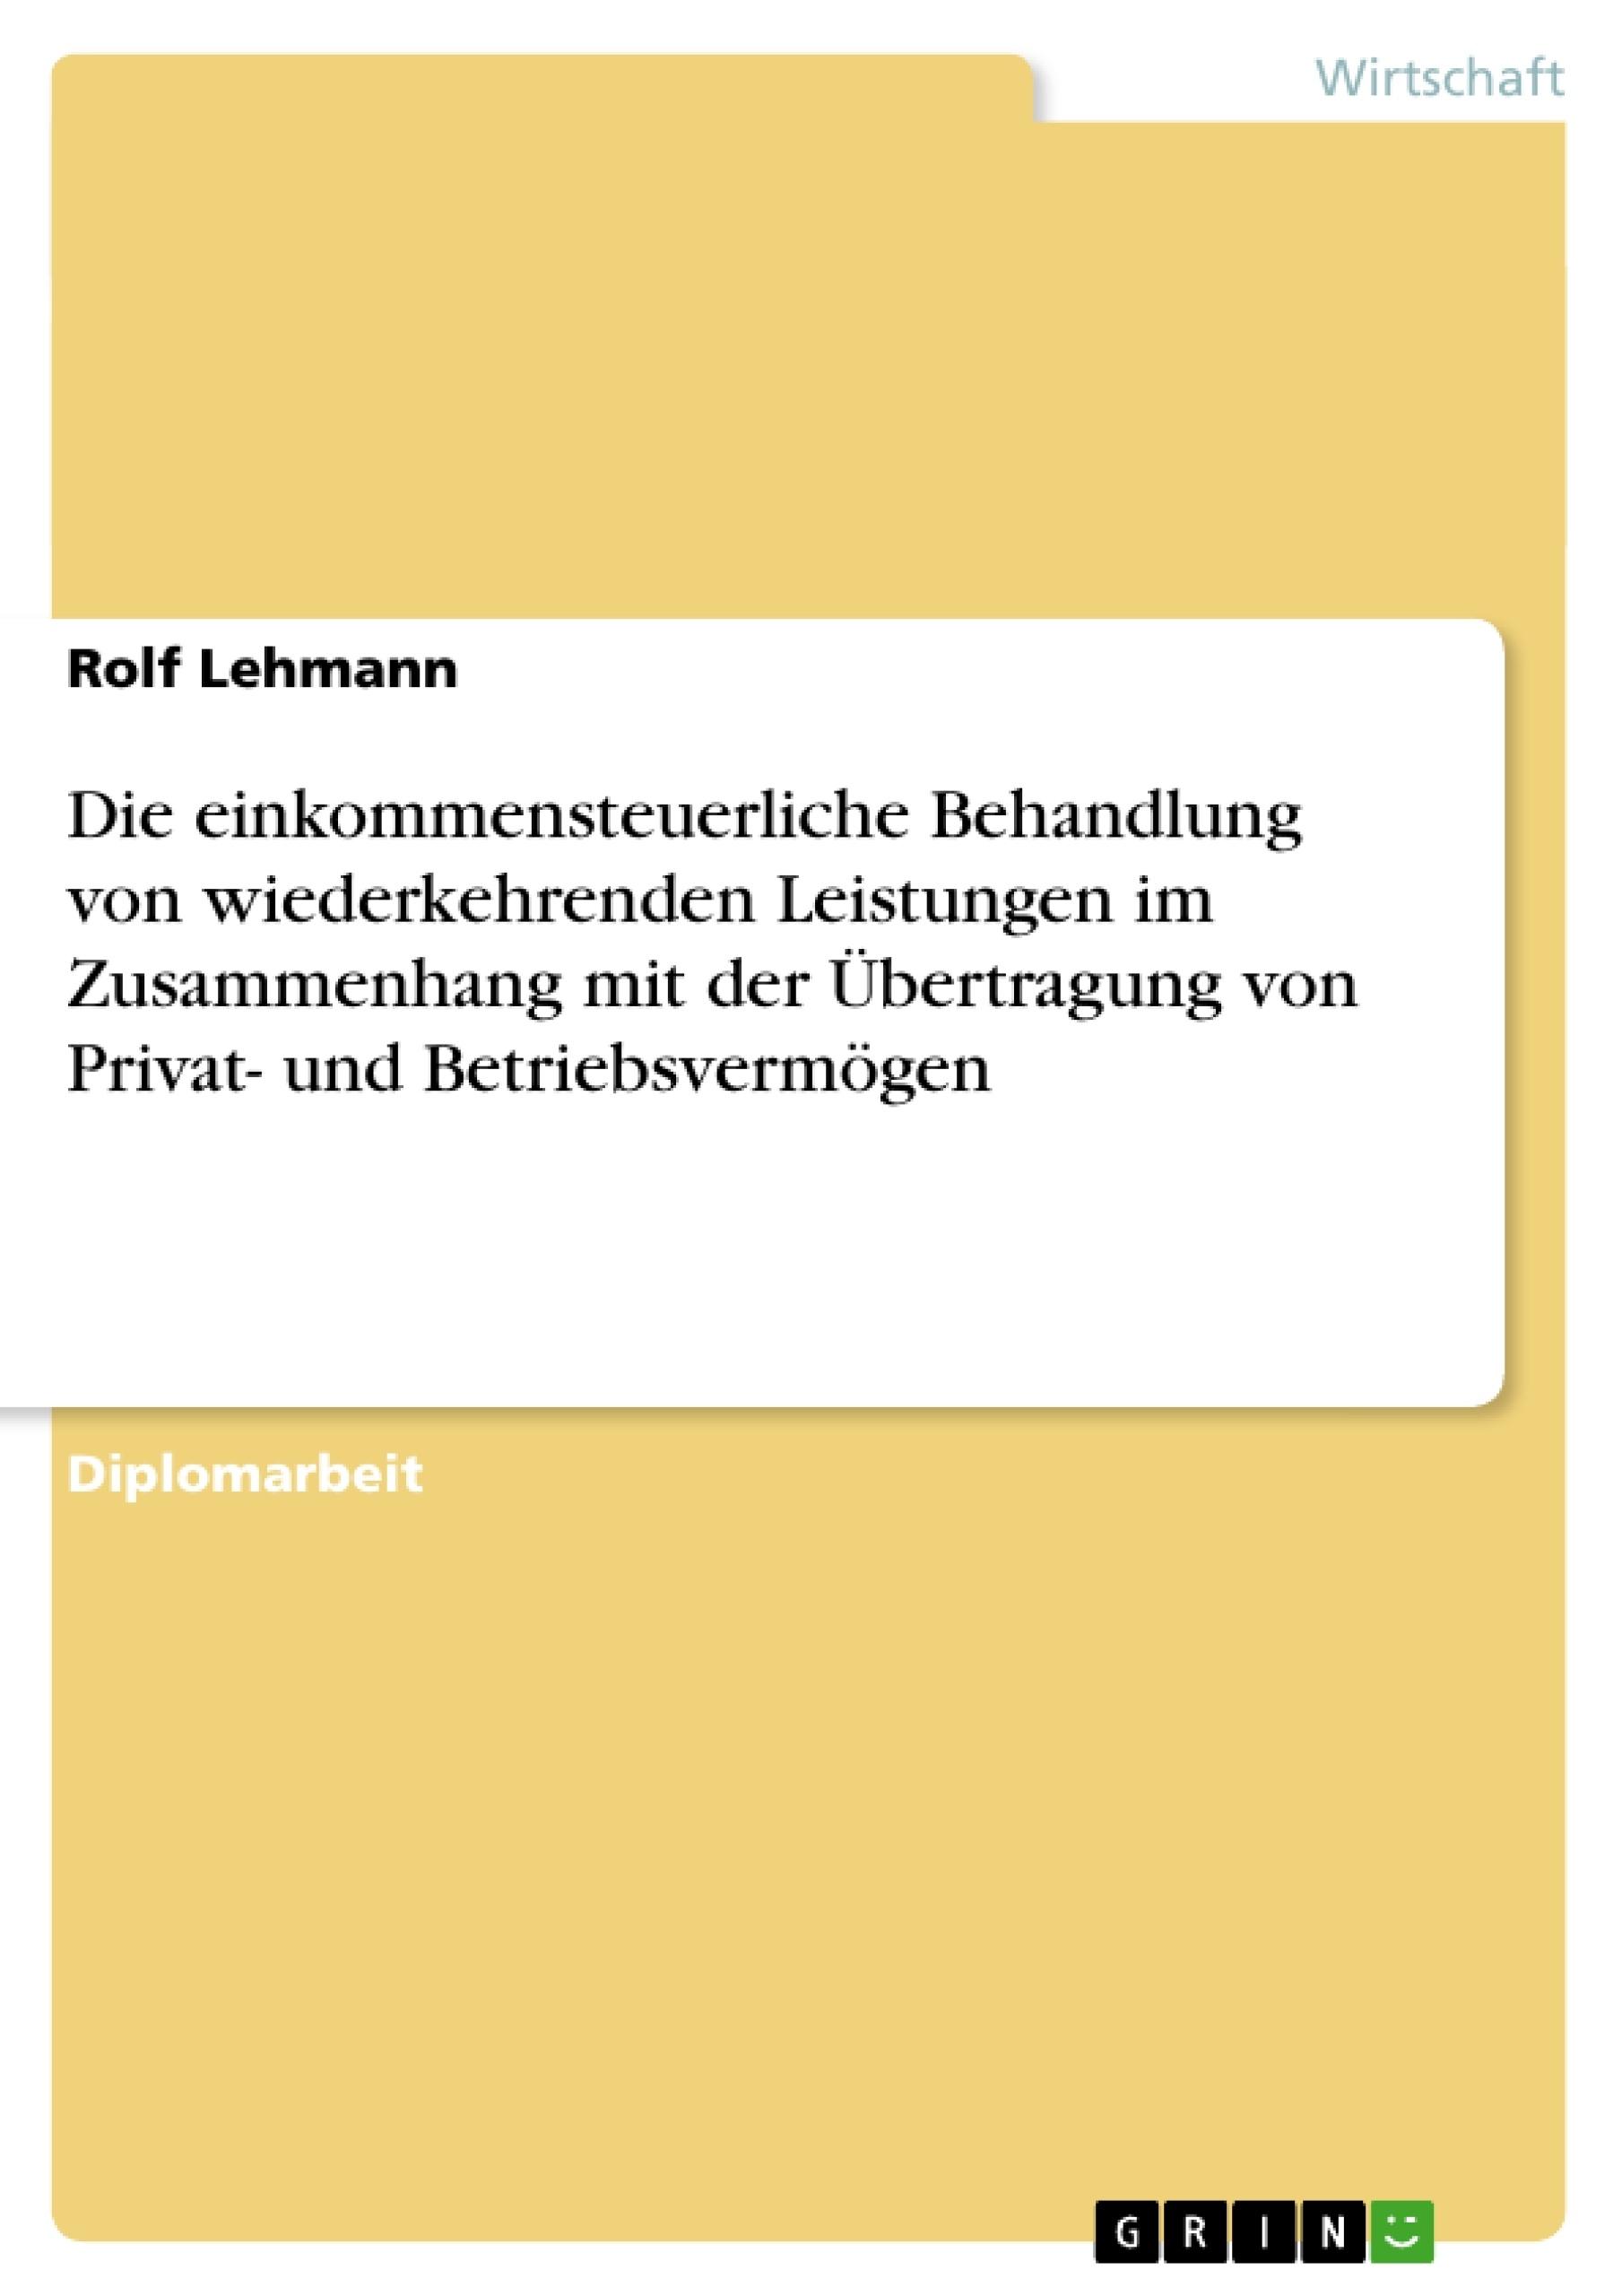 Titel: Die einkommensteuerliche Behandlung von wiederkehrenden Leistungen im Zusammenhang mit der Übertragung von Privat- und Betriebsvermögen